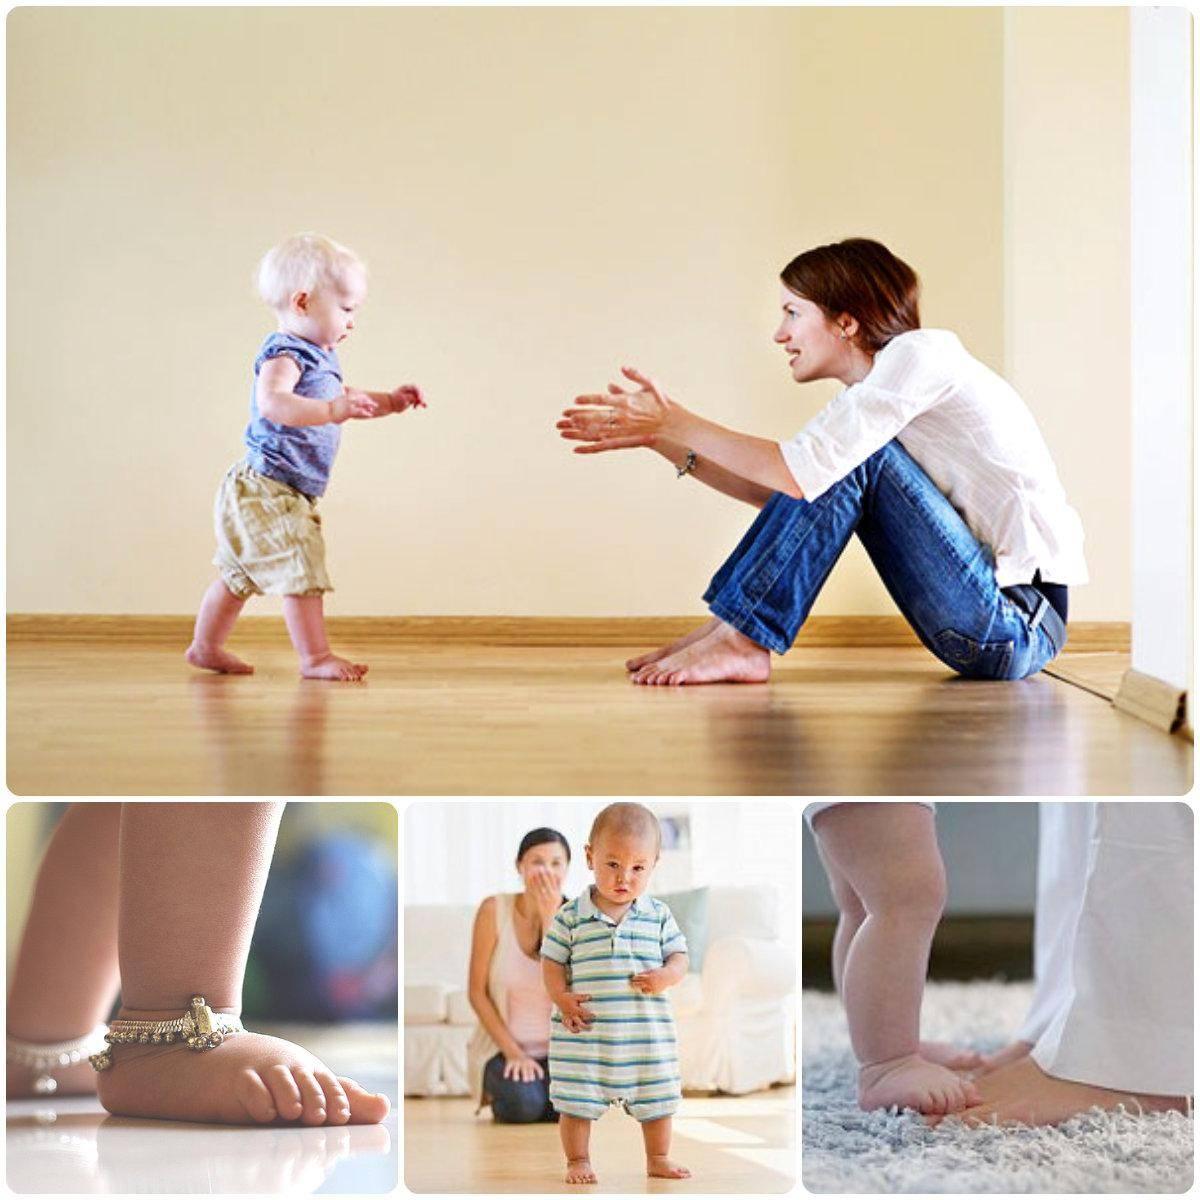 Как научить ребенка самостоятельно ходить: правильная методика, упражнения (с видео)